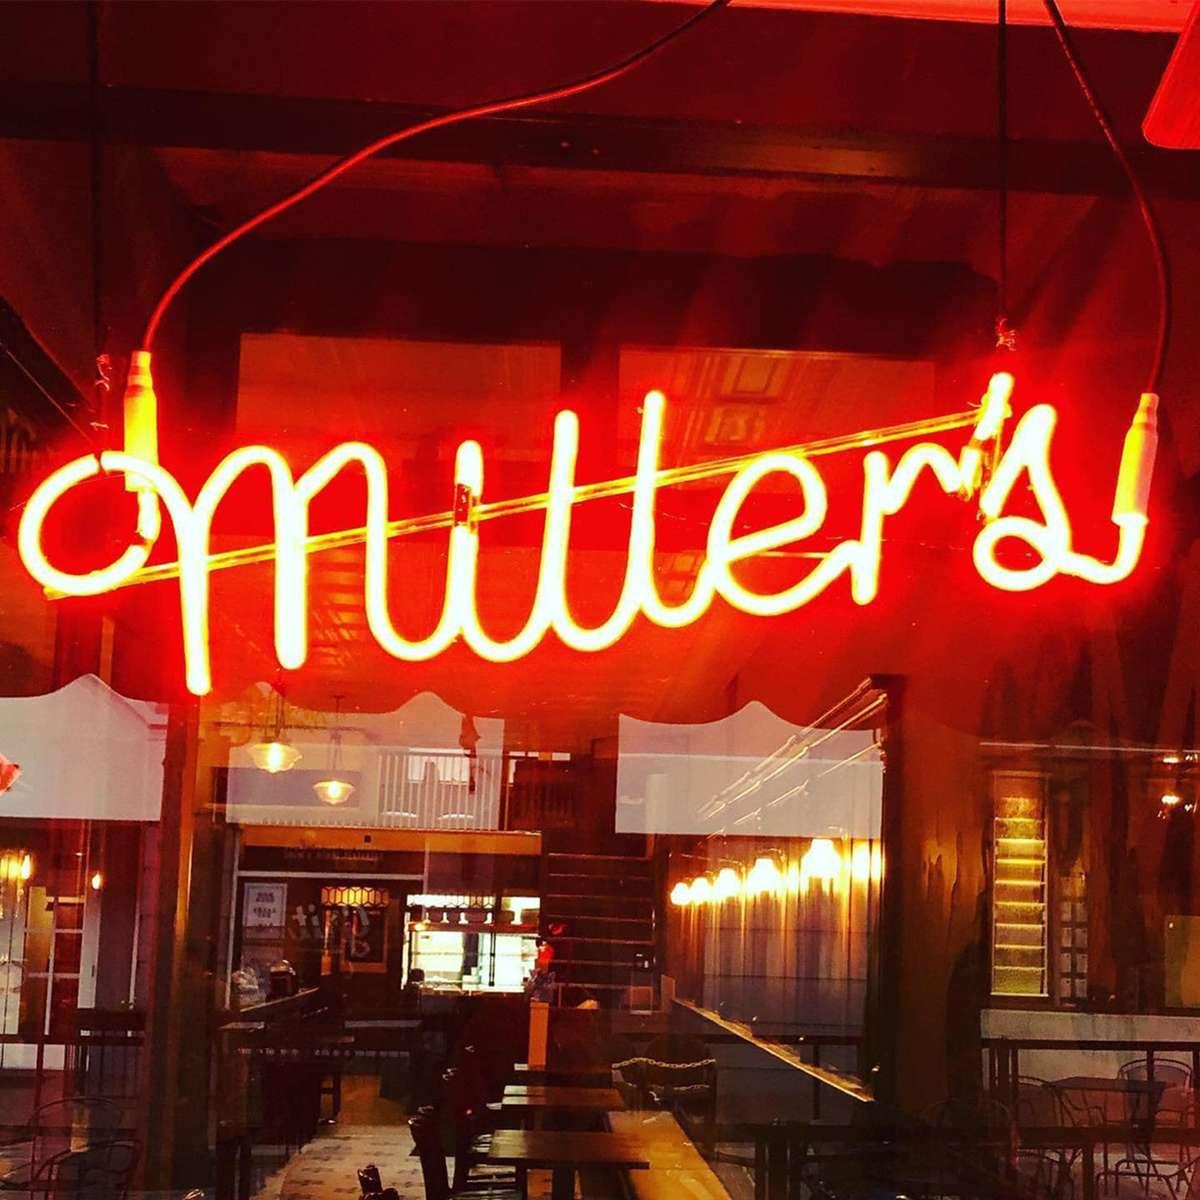 Miller's red neon sign in window